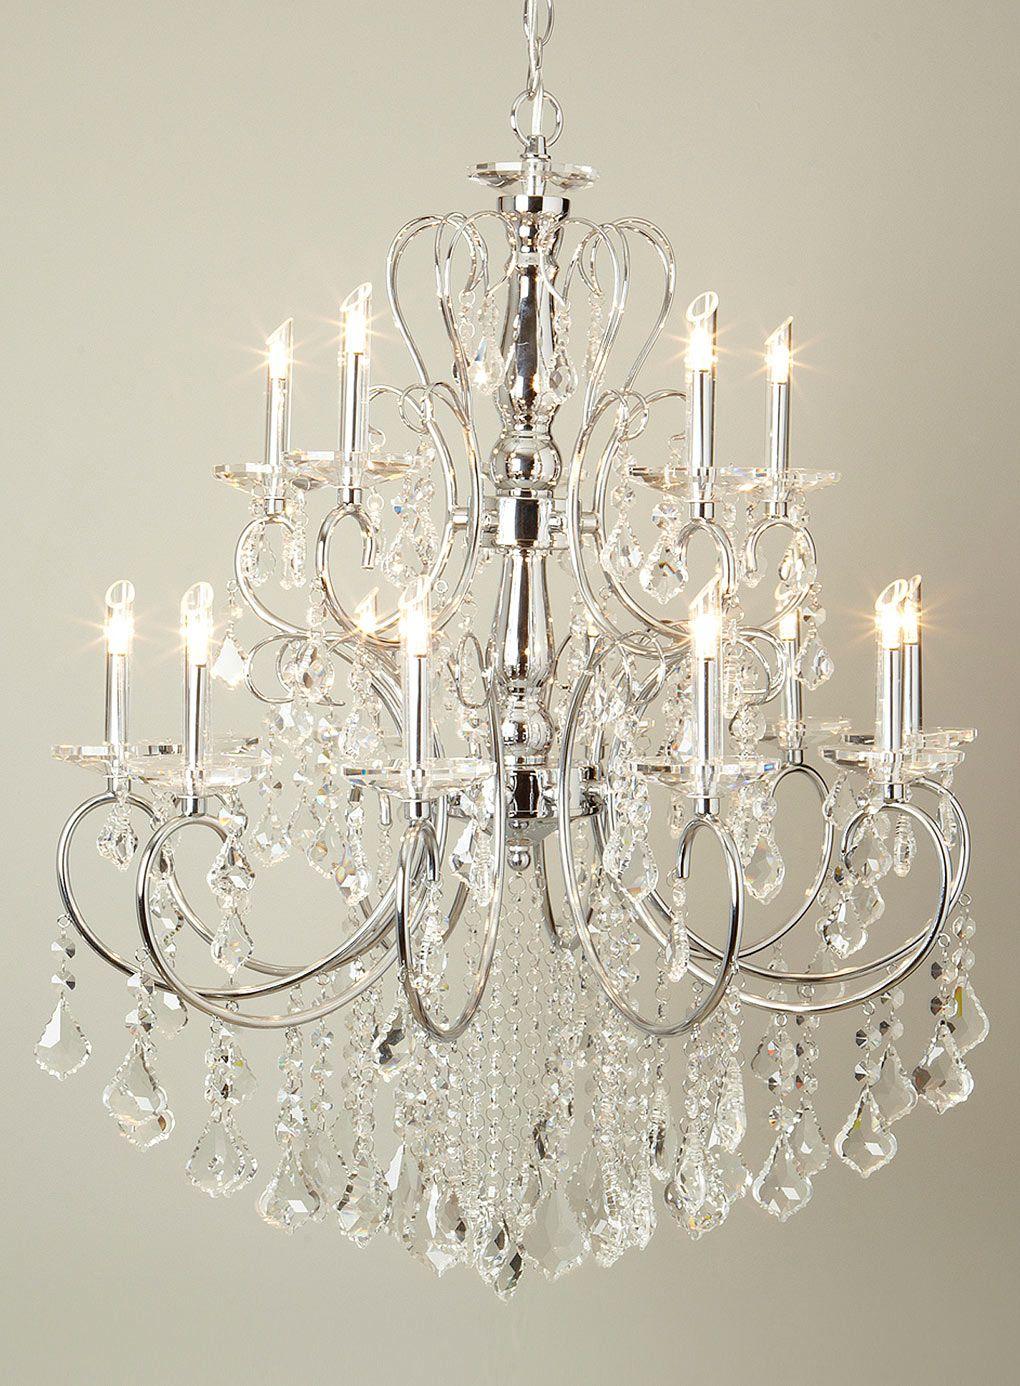 Bedroom Ceiling Lights Bhs : Kinnari light chandelier chandeliers ceiling lights